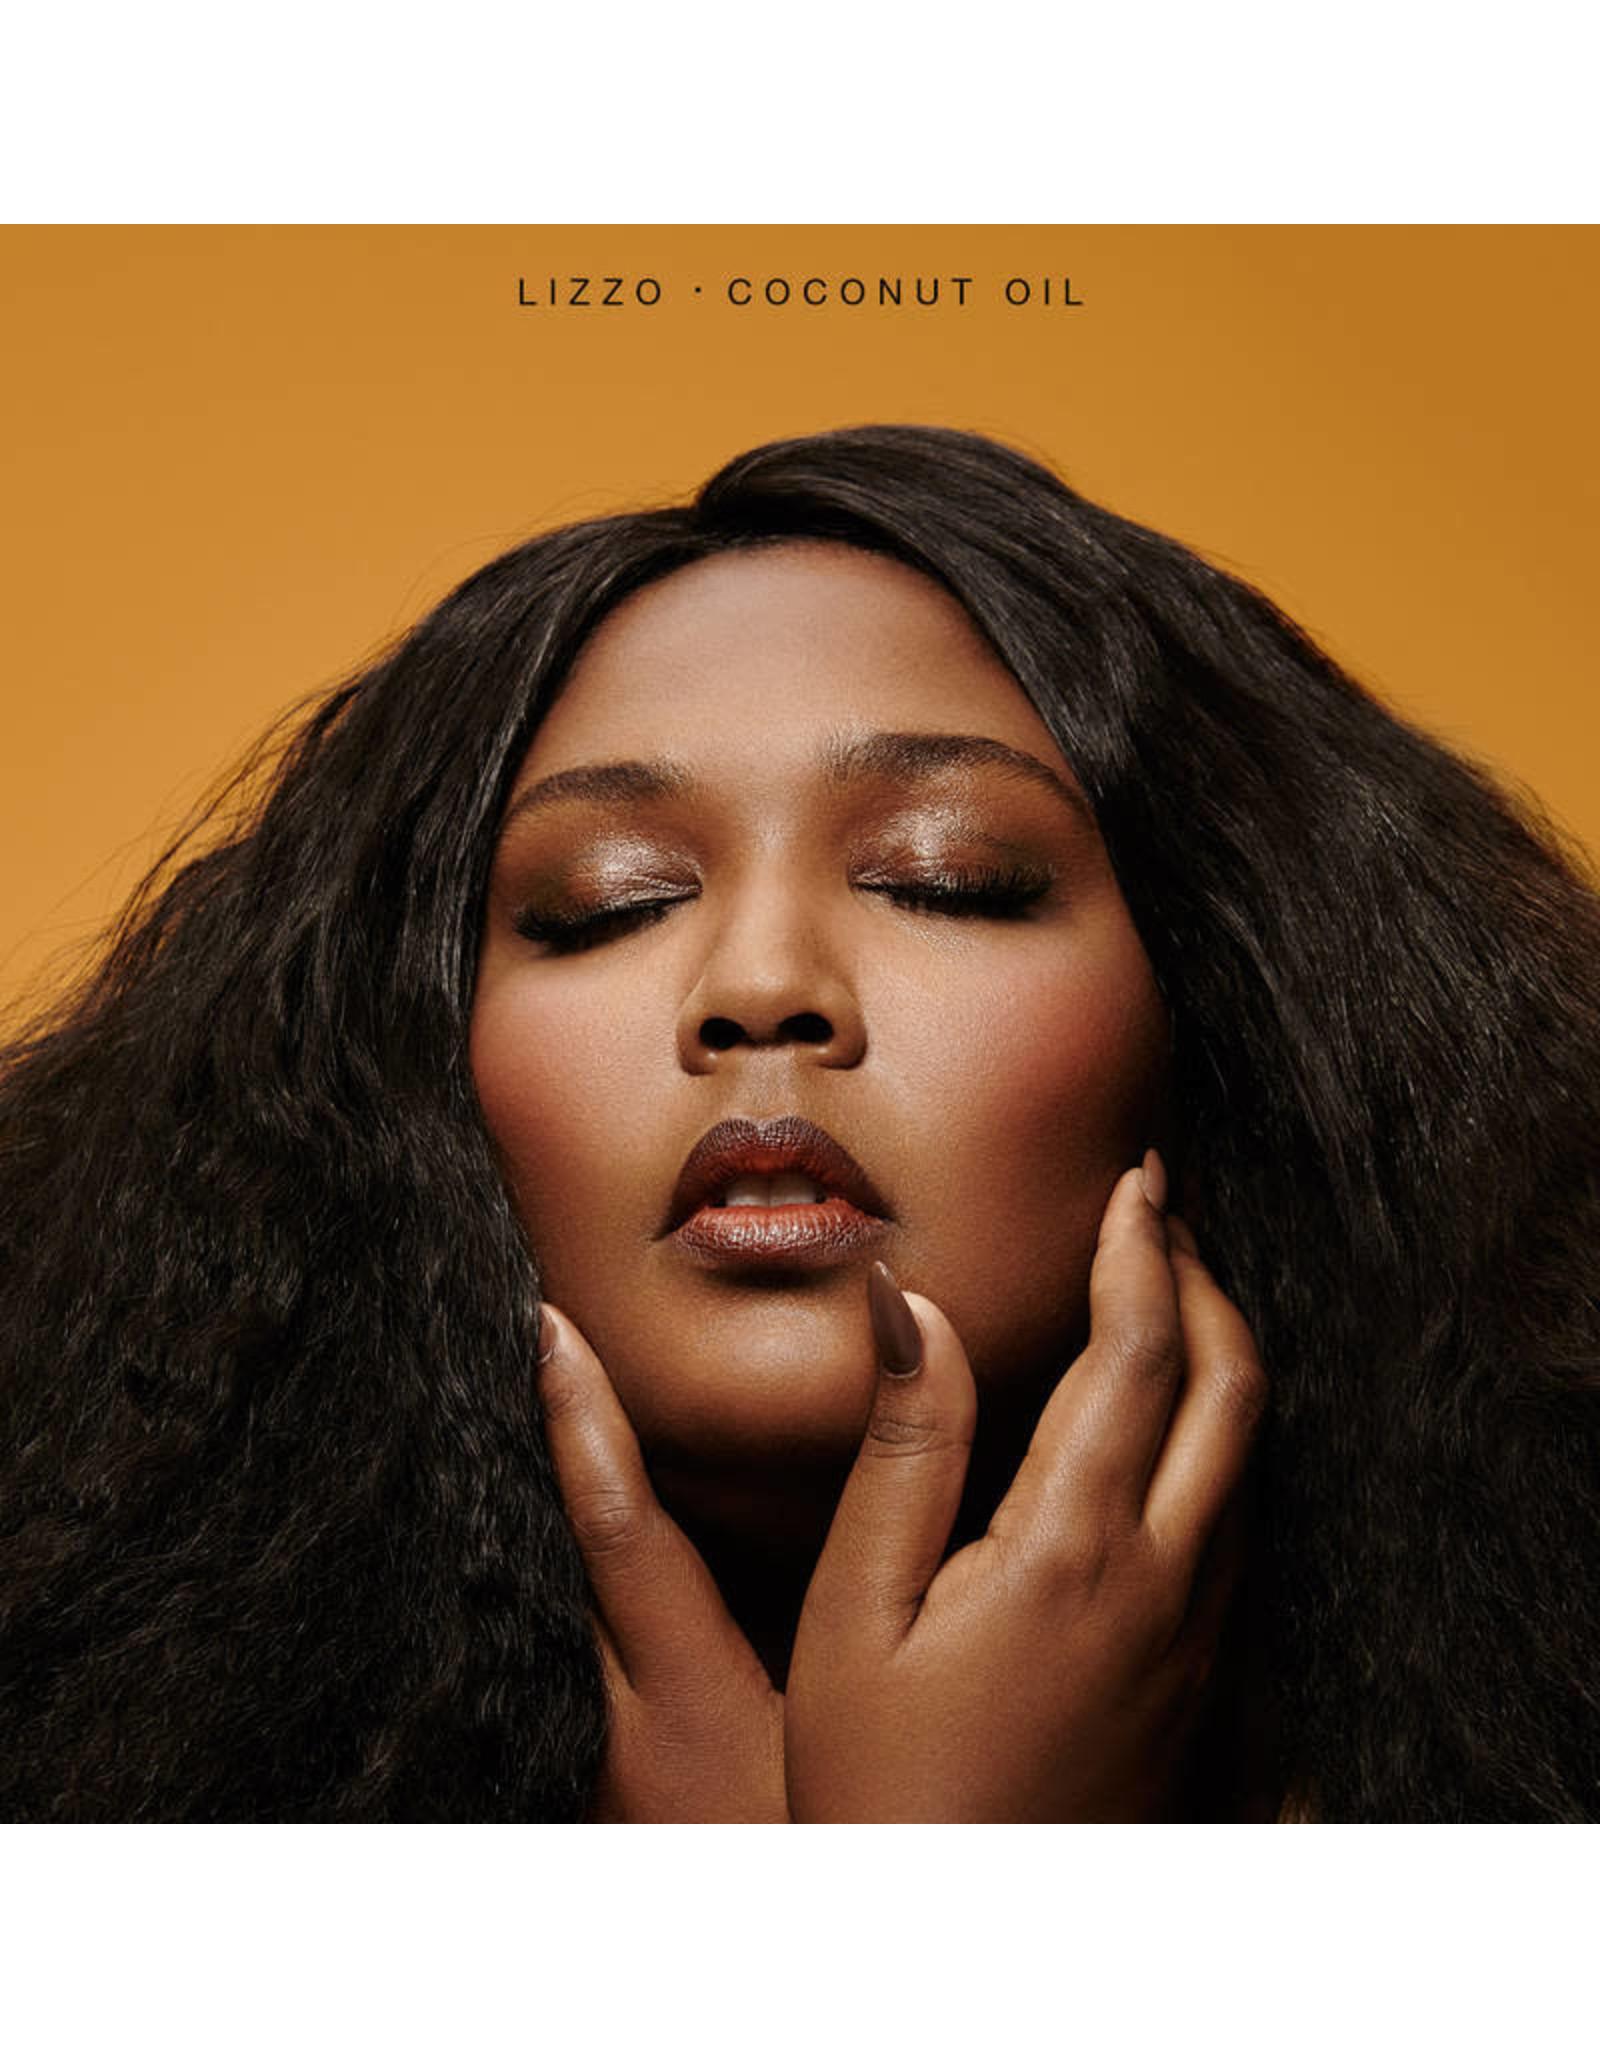 Lizzo - Coconut Oil EP (Milky White Vinyl)